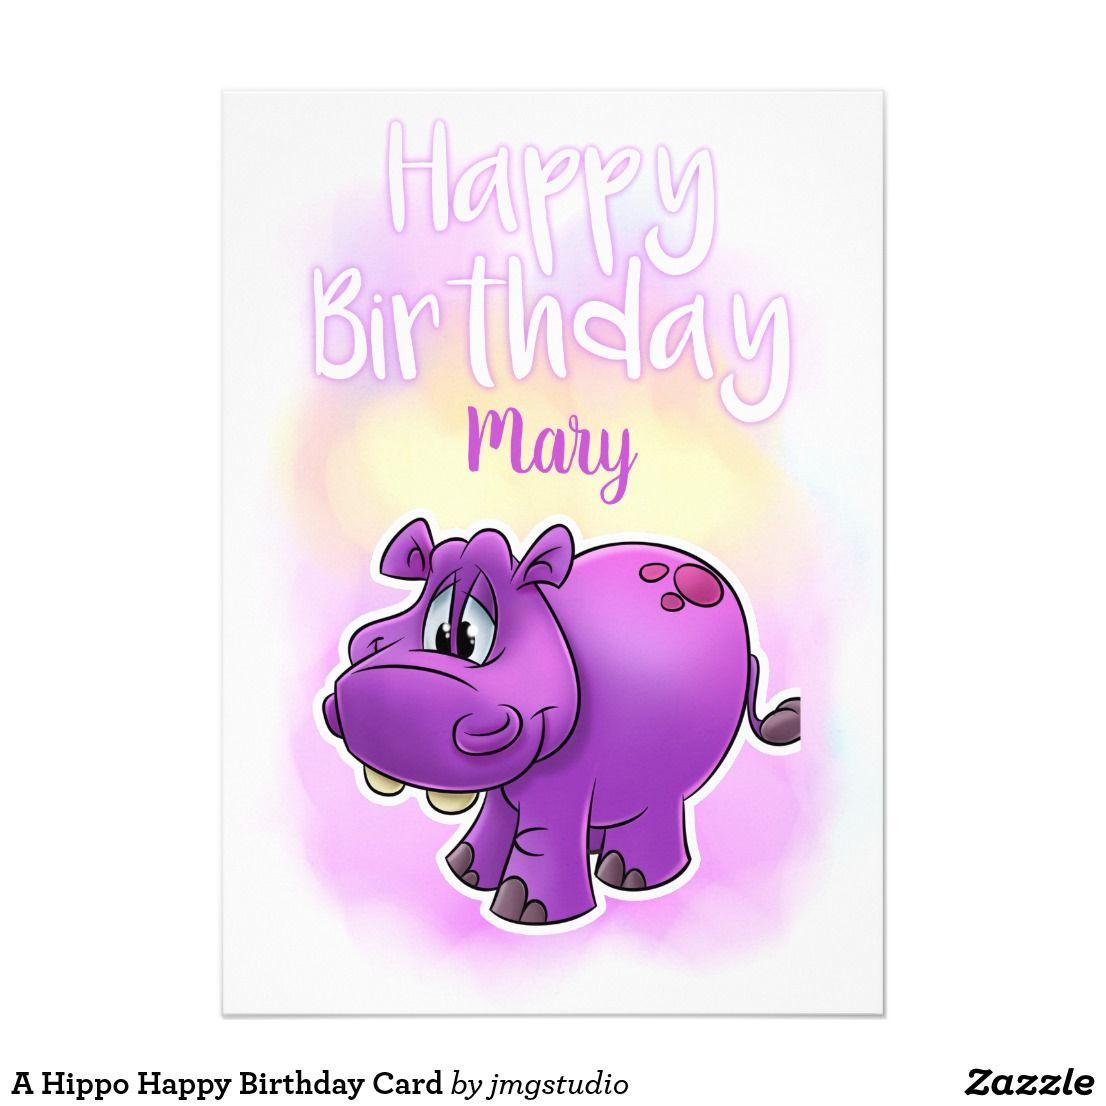 A Hippo Happy Birthday Card Zazzle Com Happy Birthday Cards Birthday Cards Happy Birthday